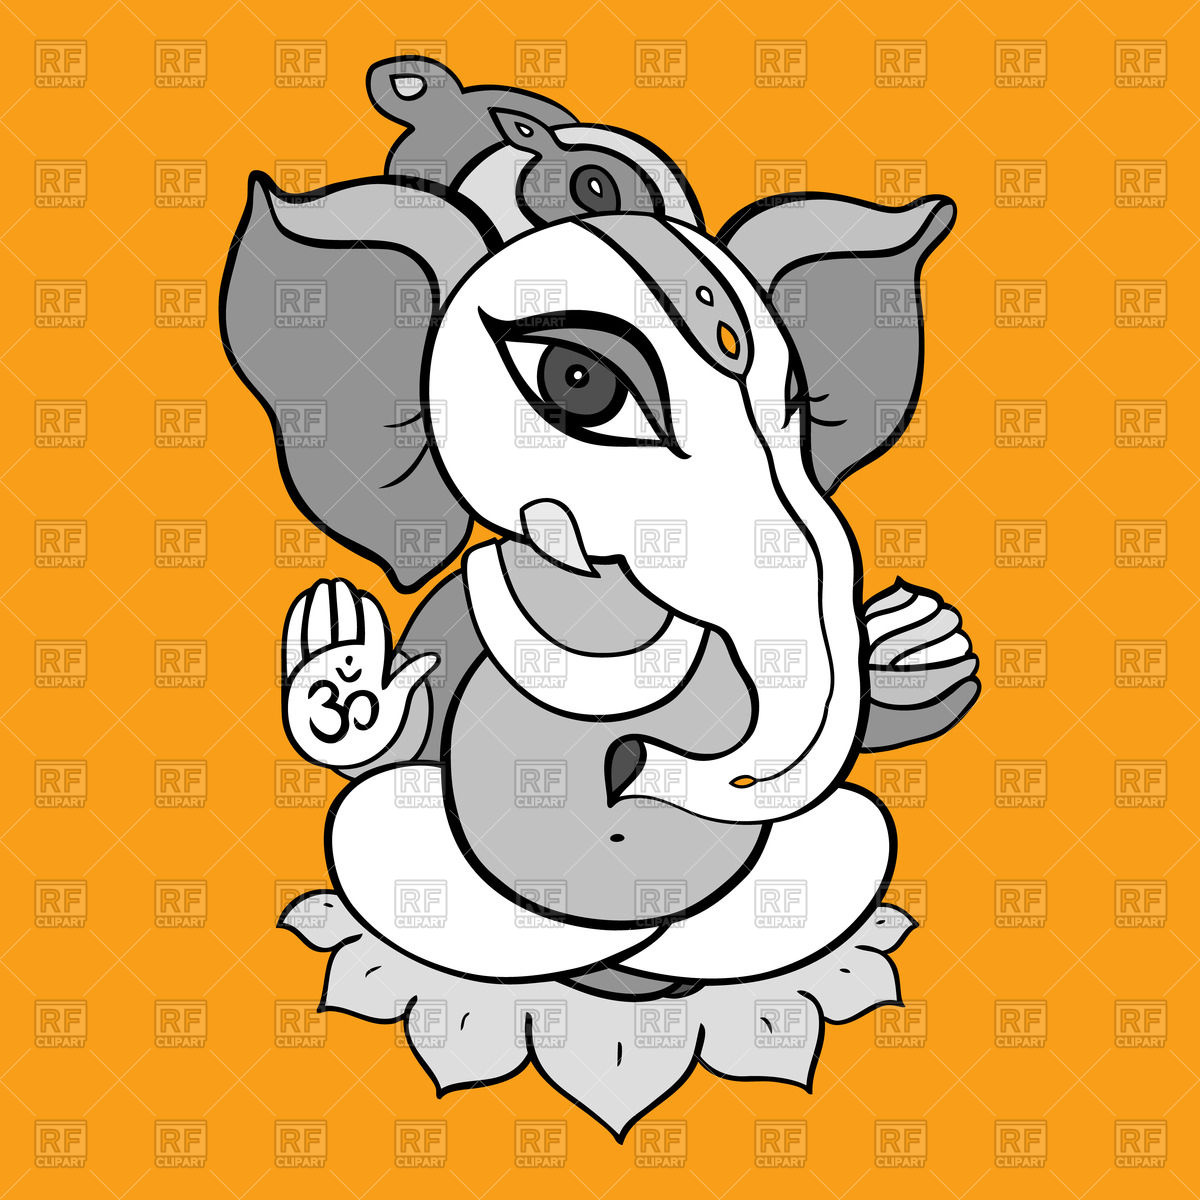 1200x1200 Cartoon Hindu God Ganesha Royalty Free Vector Clip Art Image